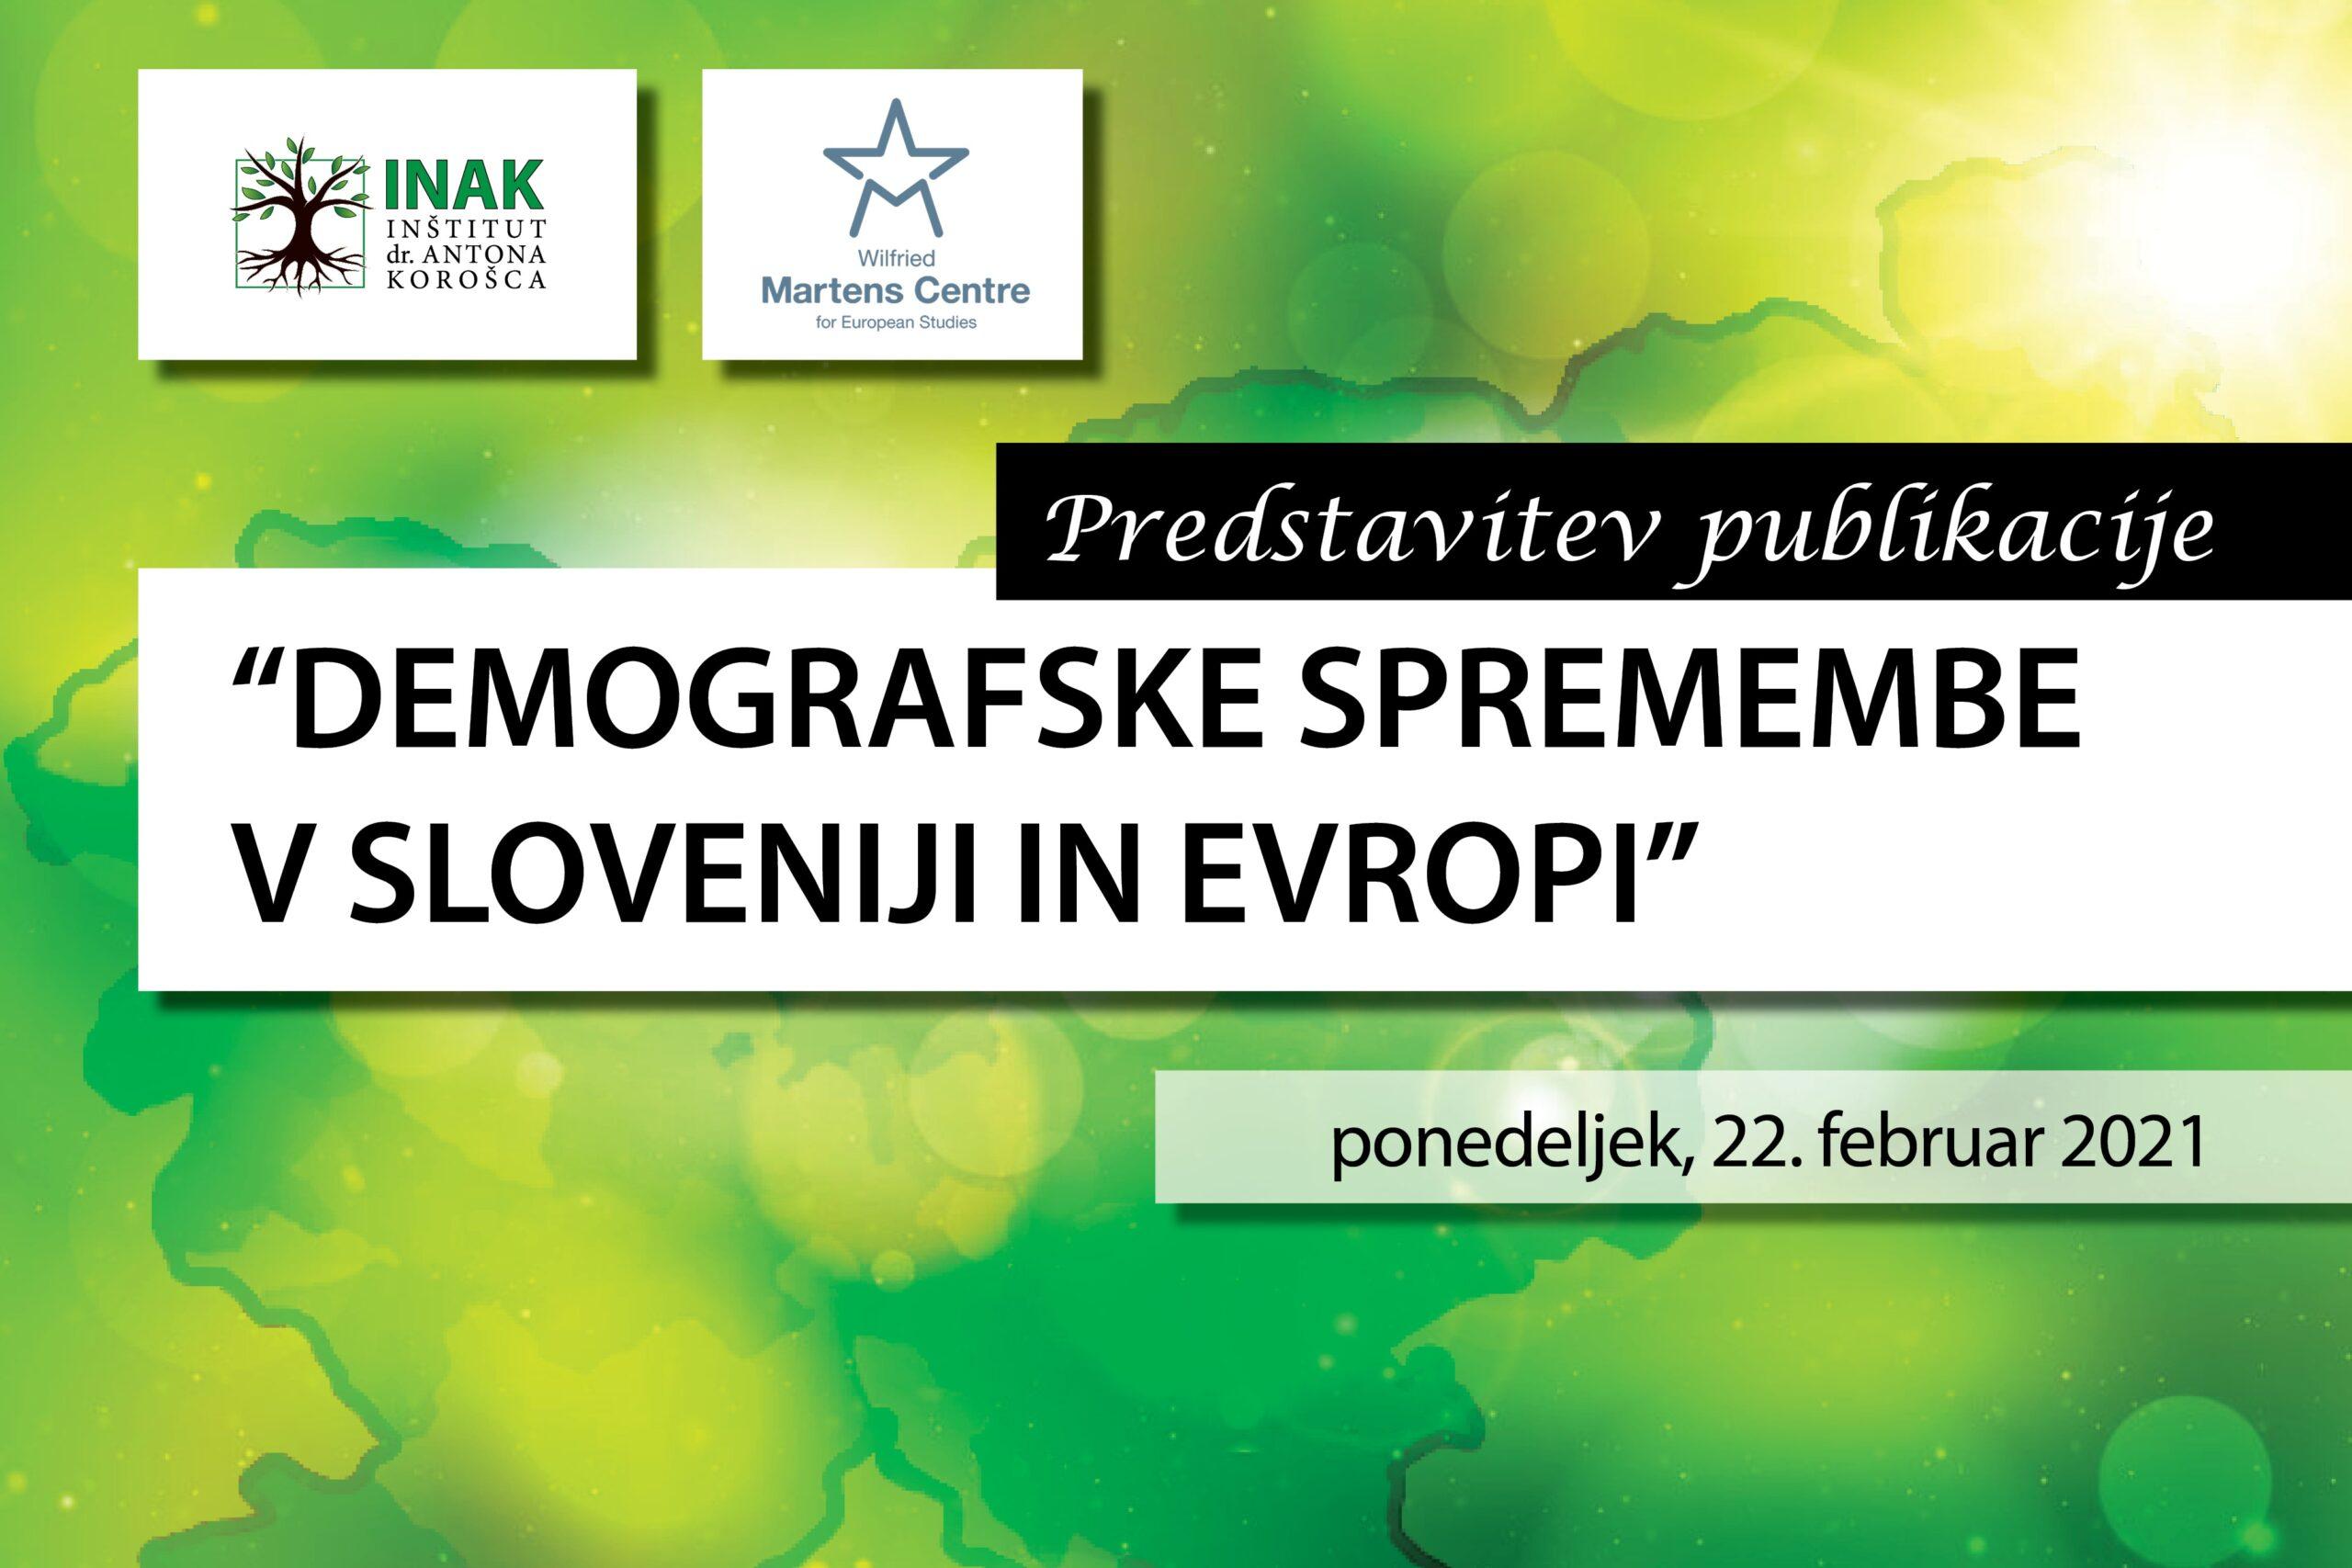 Predstavitev zbornika Demografske spremembe v Sloveniji in Evropi